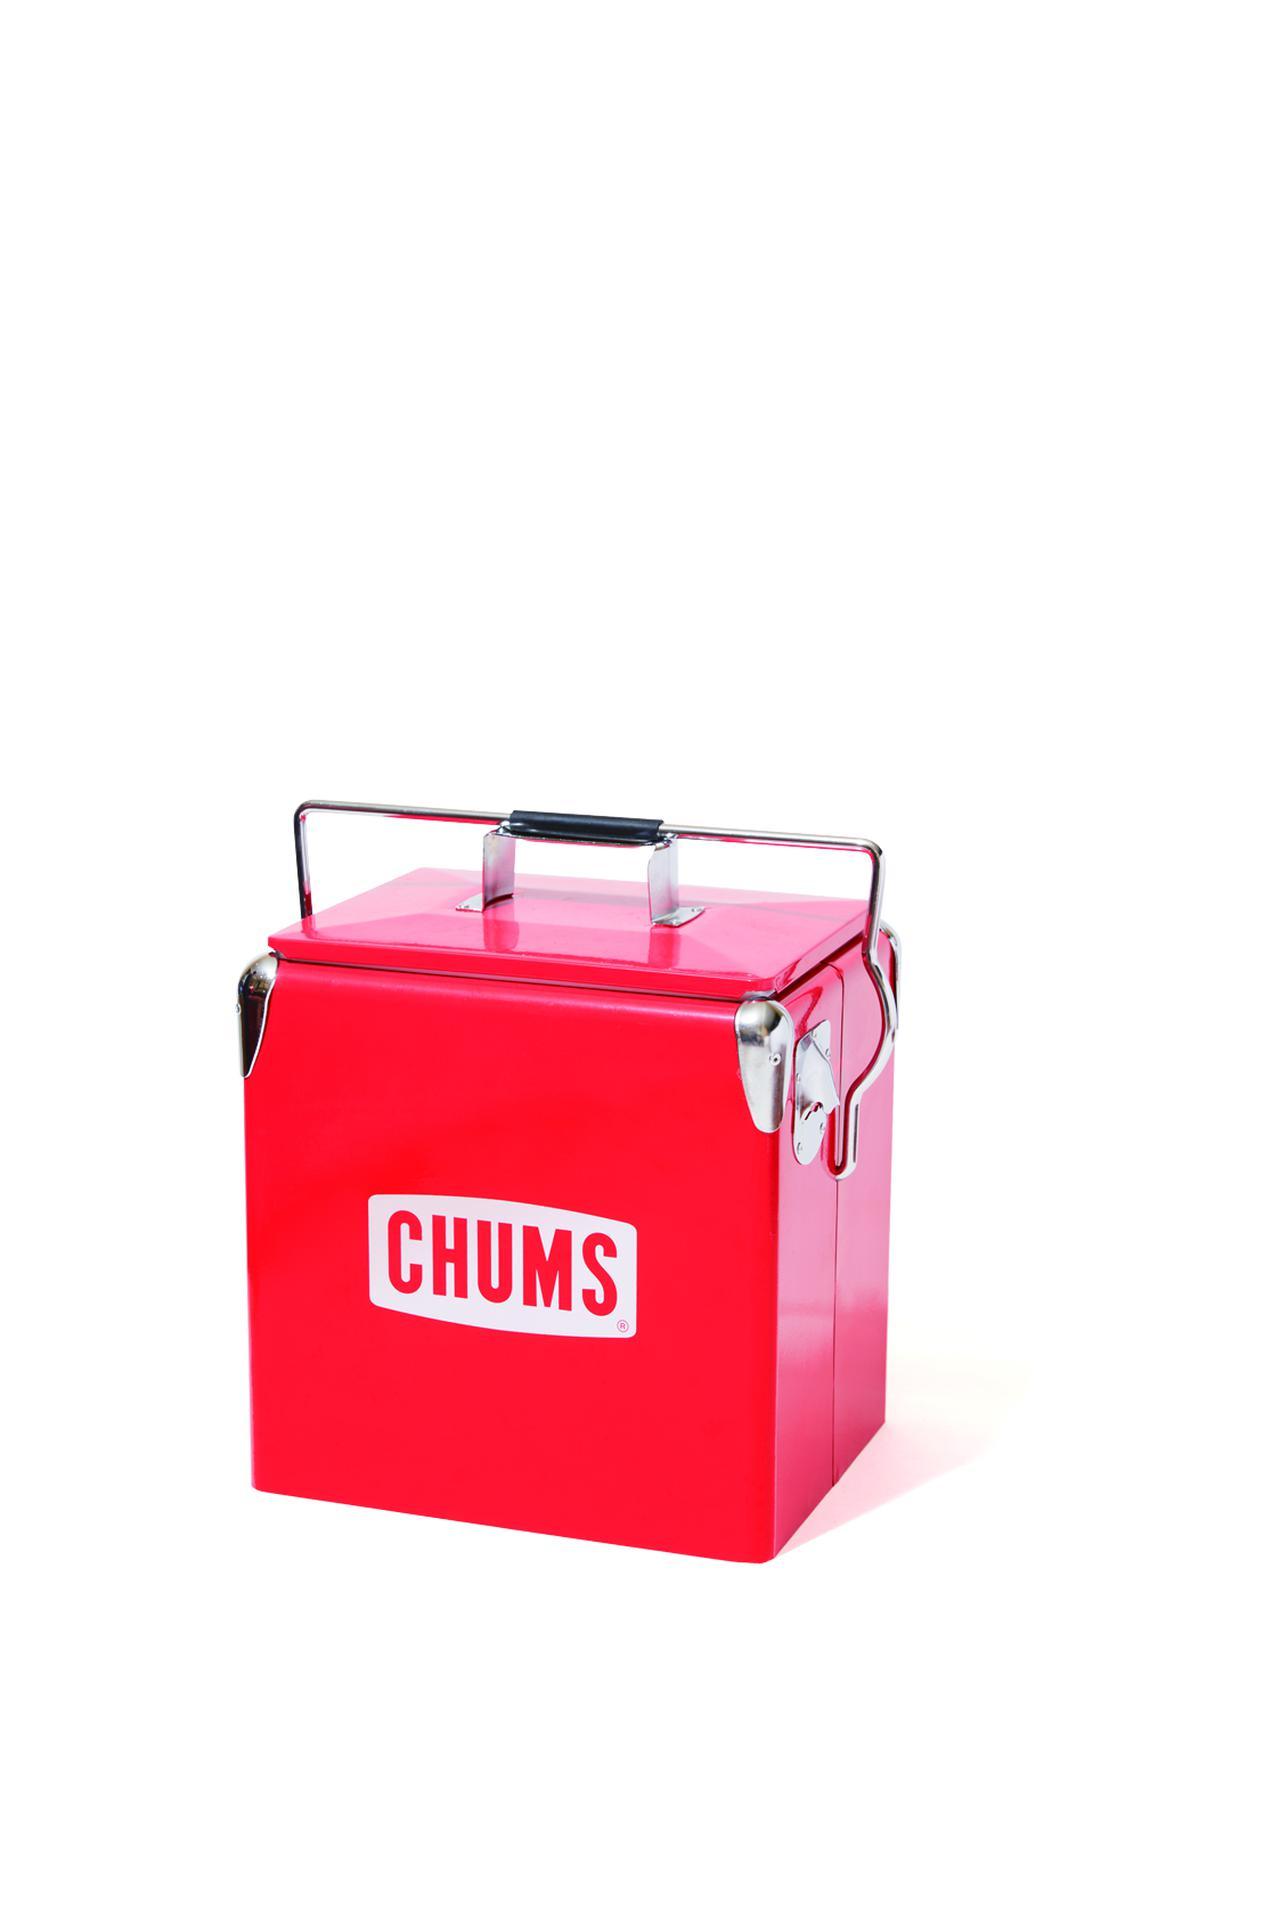 画像: チャムス スチールクーラーボックス W29×H31×D23㎝/約3.6kg/約12リットル (問:チャムス表参道店) fam Autumn Issue2018より